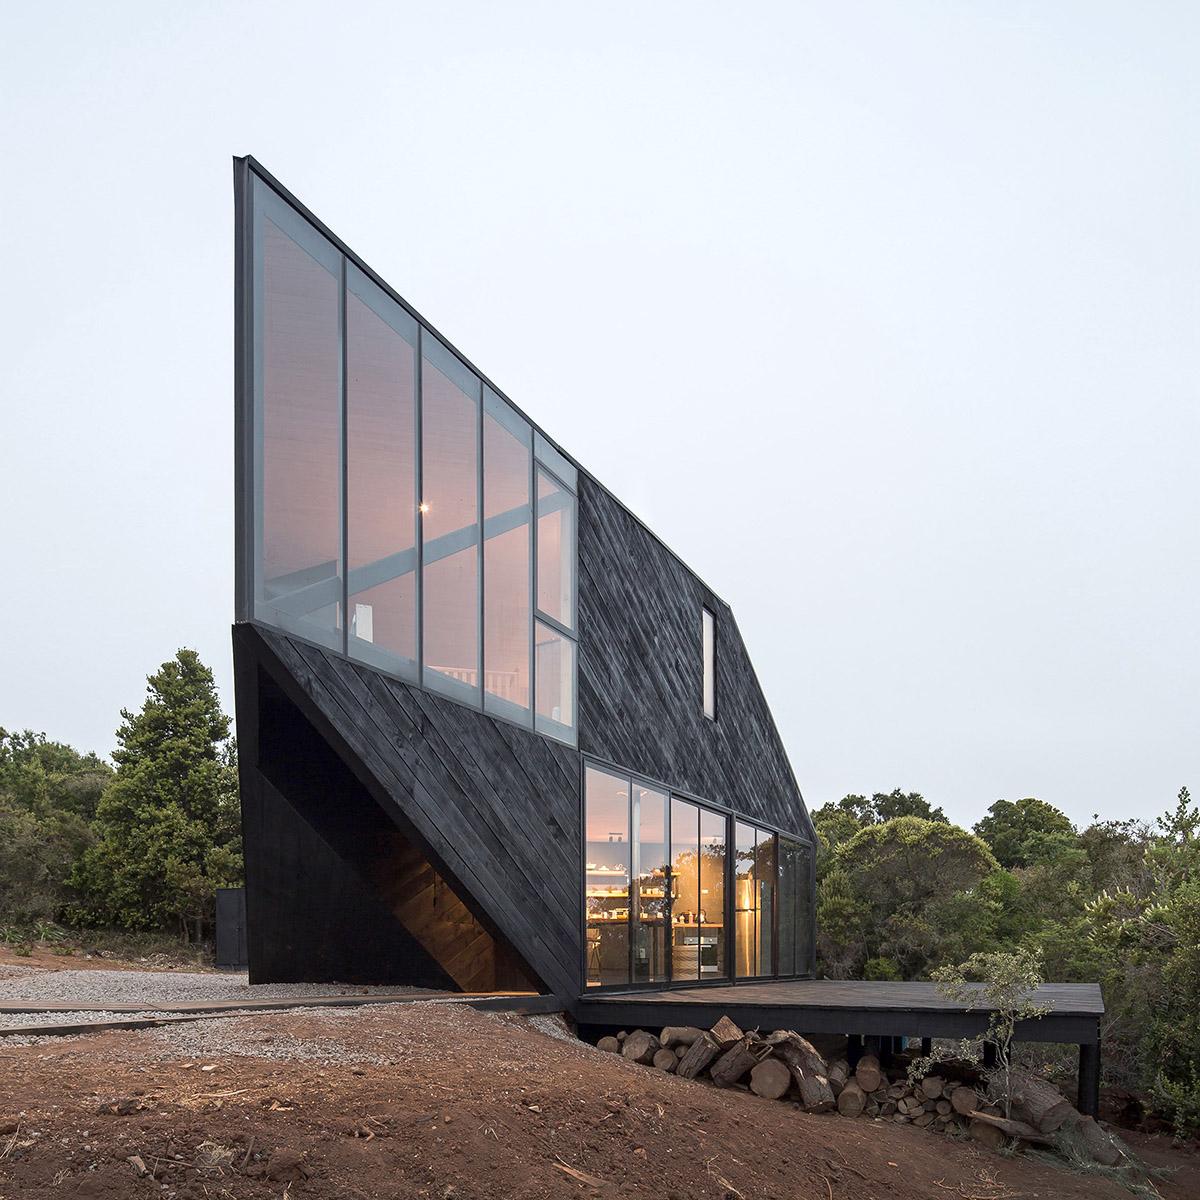 Casa-Pre-Barco-2DM-Arquitectos-Nico-Saieh-03